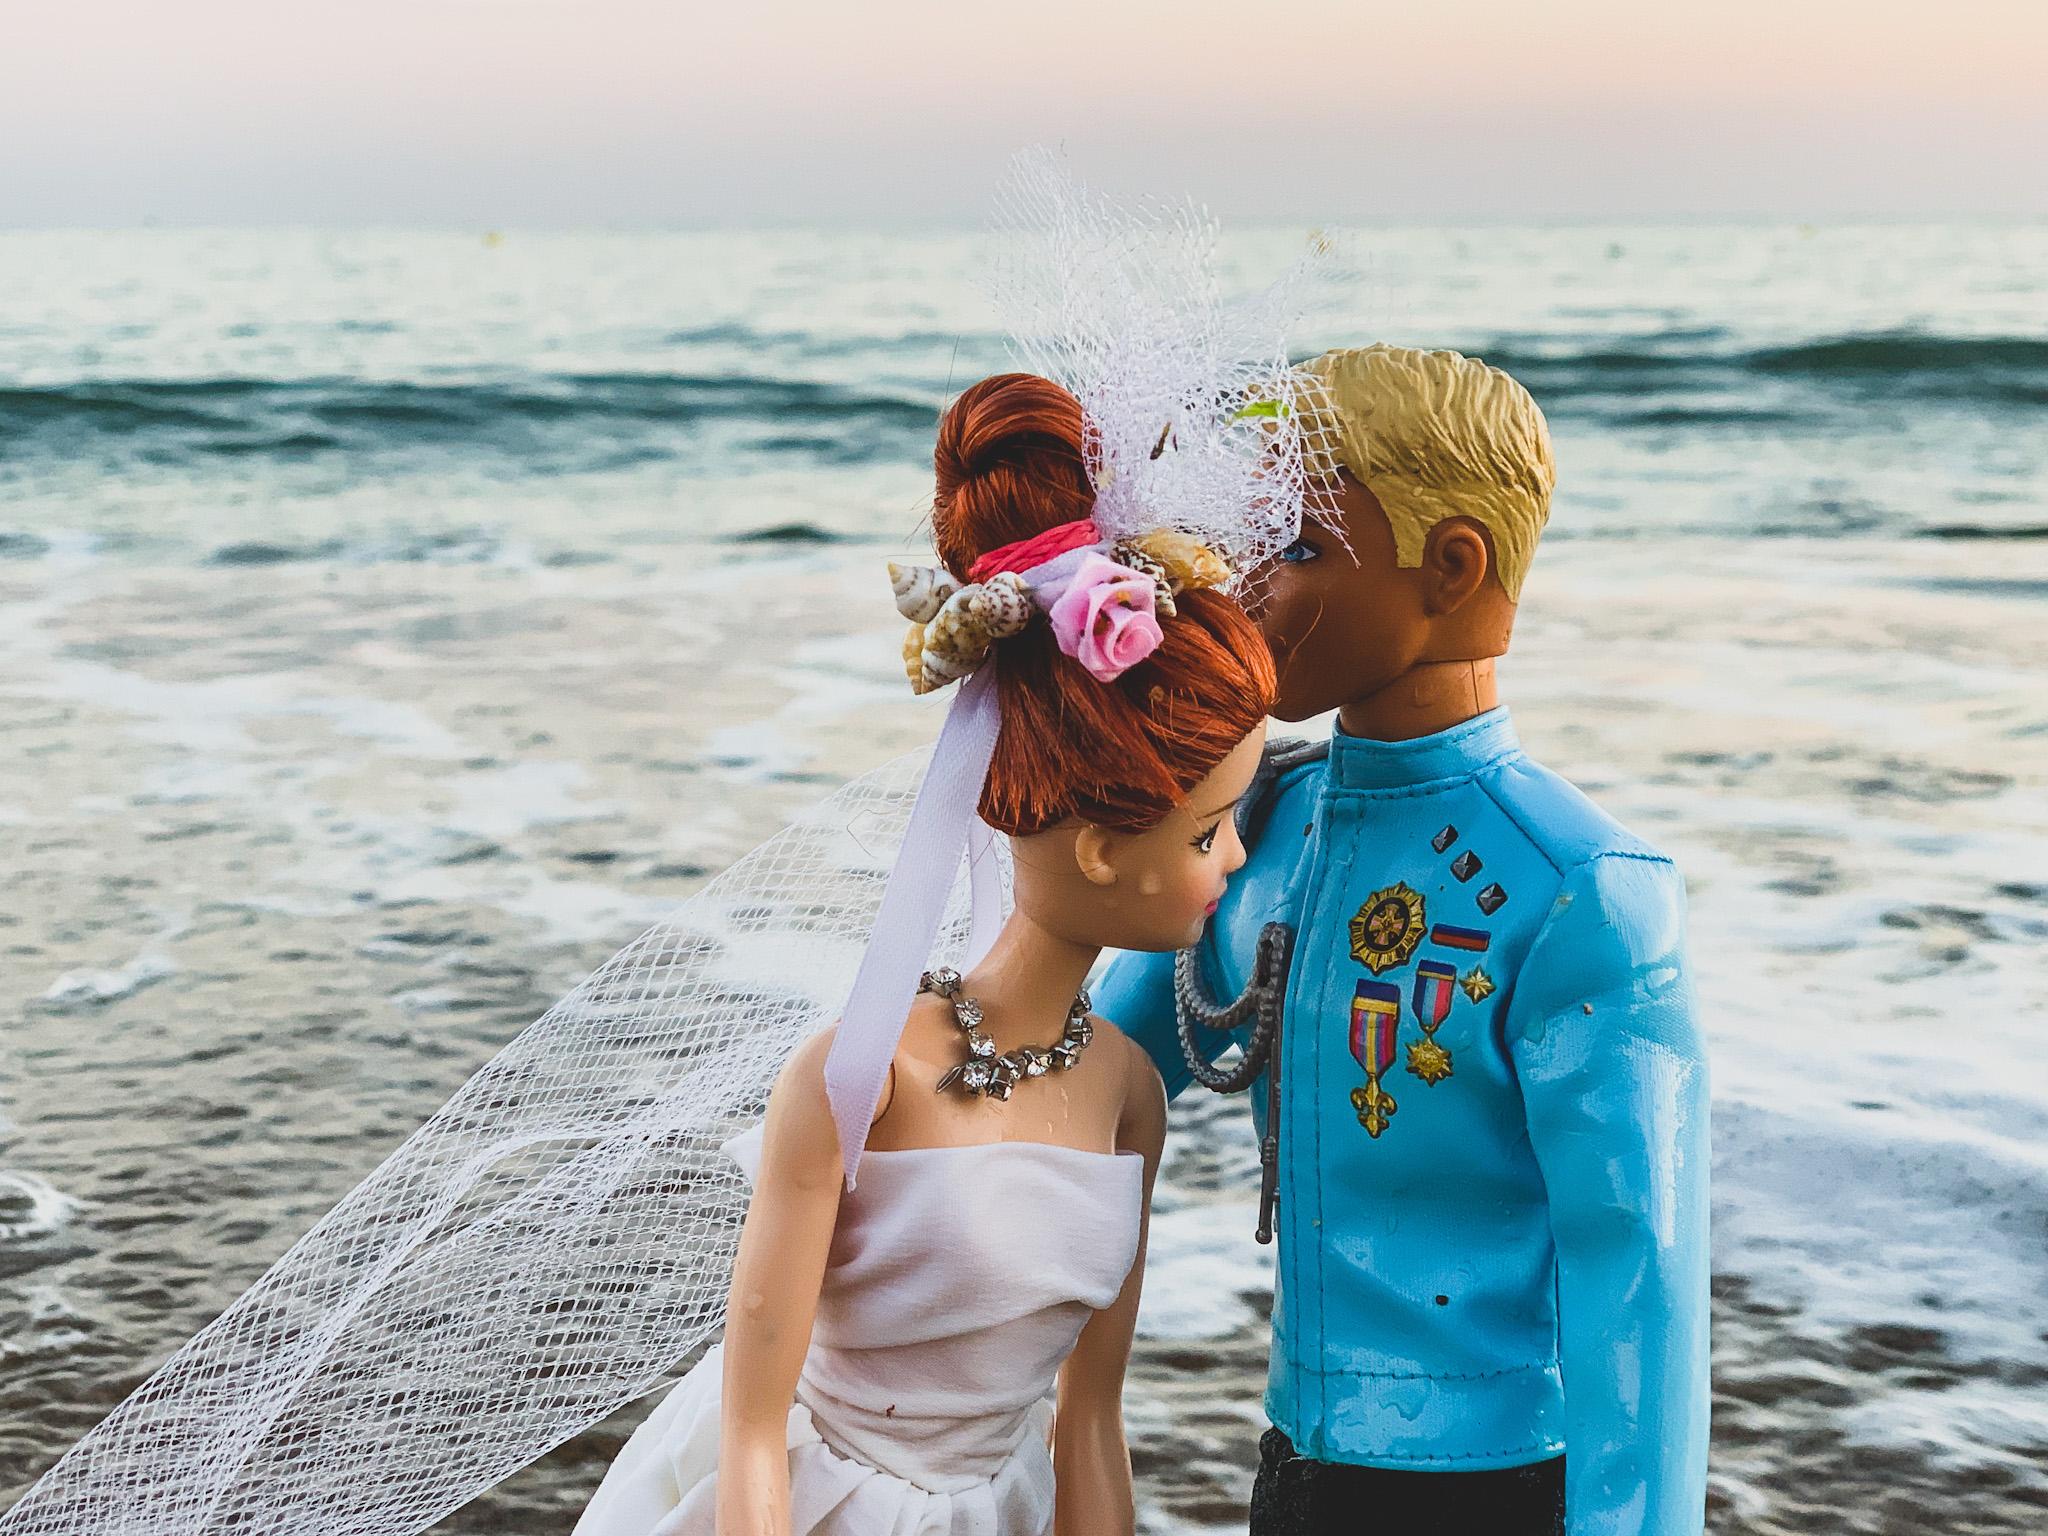 Le mariage de Barbie et Ken - © Jolies Cérémonies